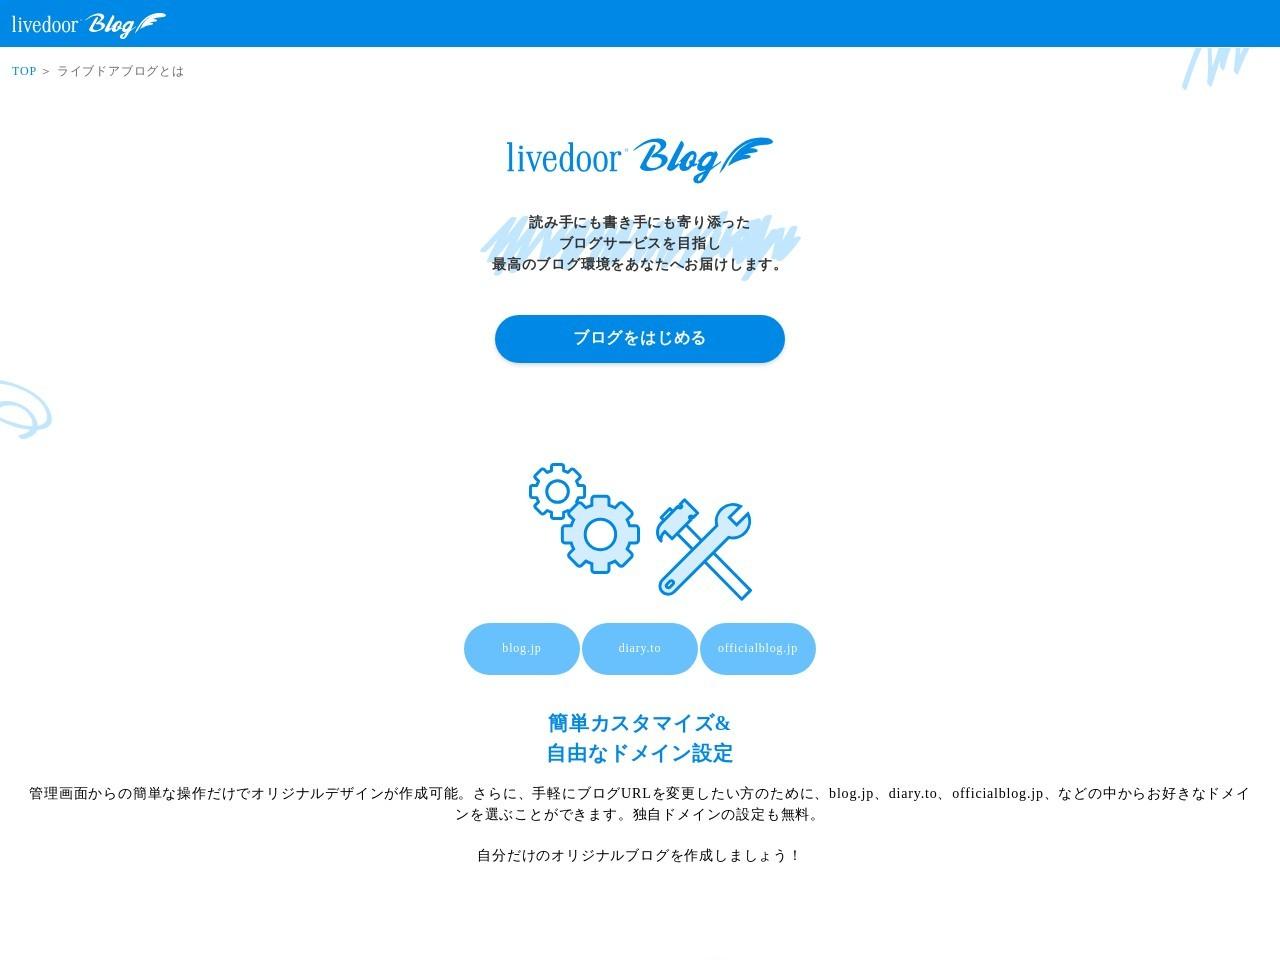 http://blog.livedoor.jp/paris614/